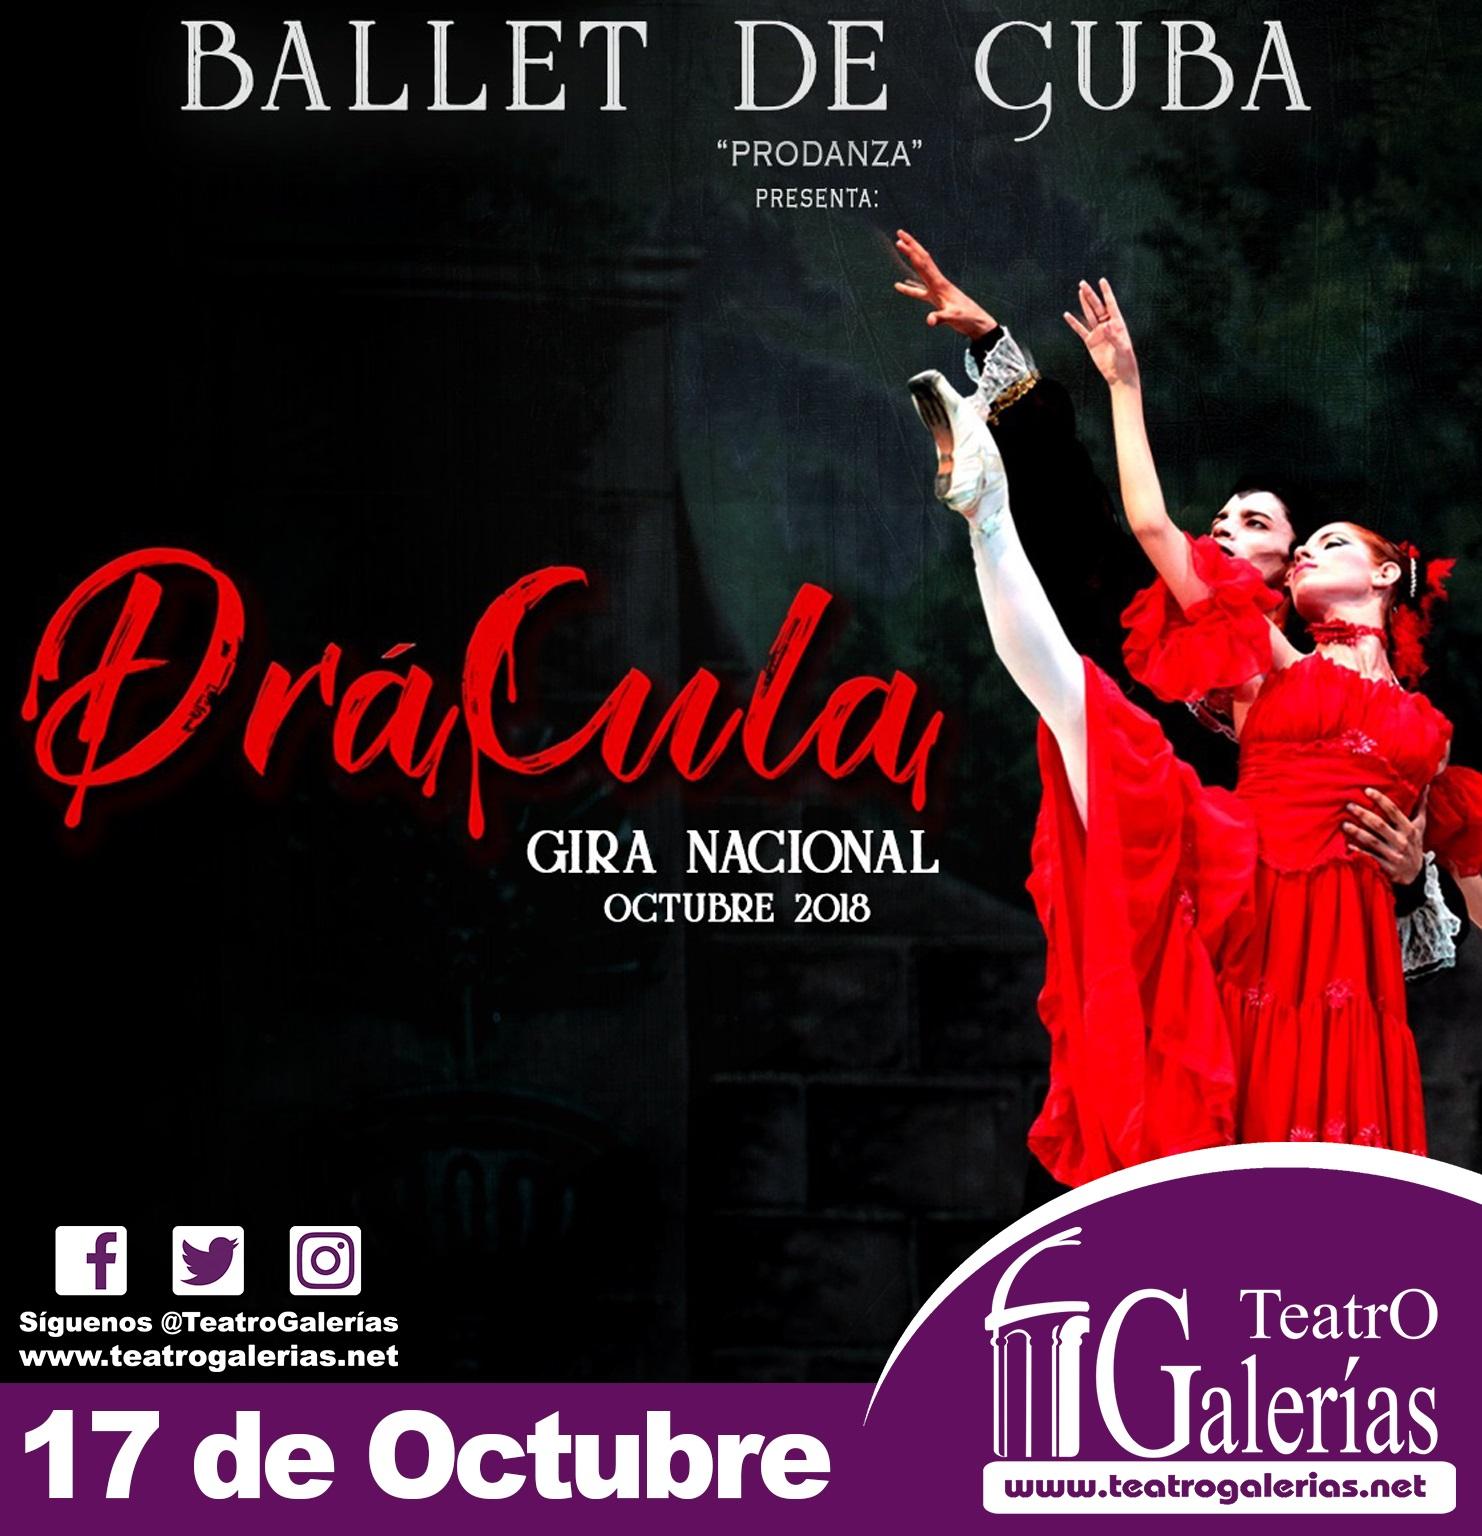 Dracula / Teatro Galerías